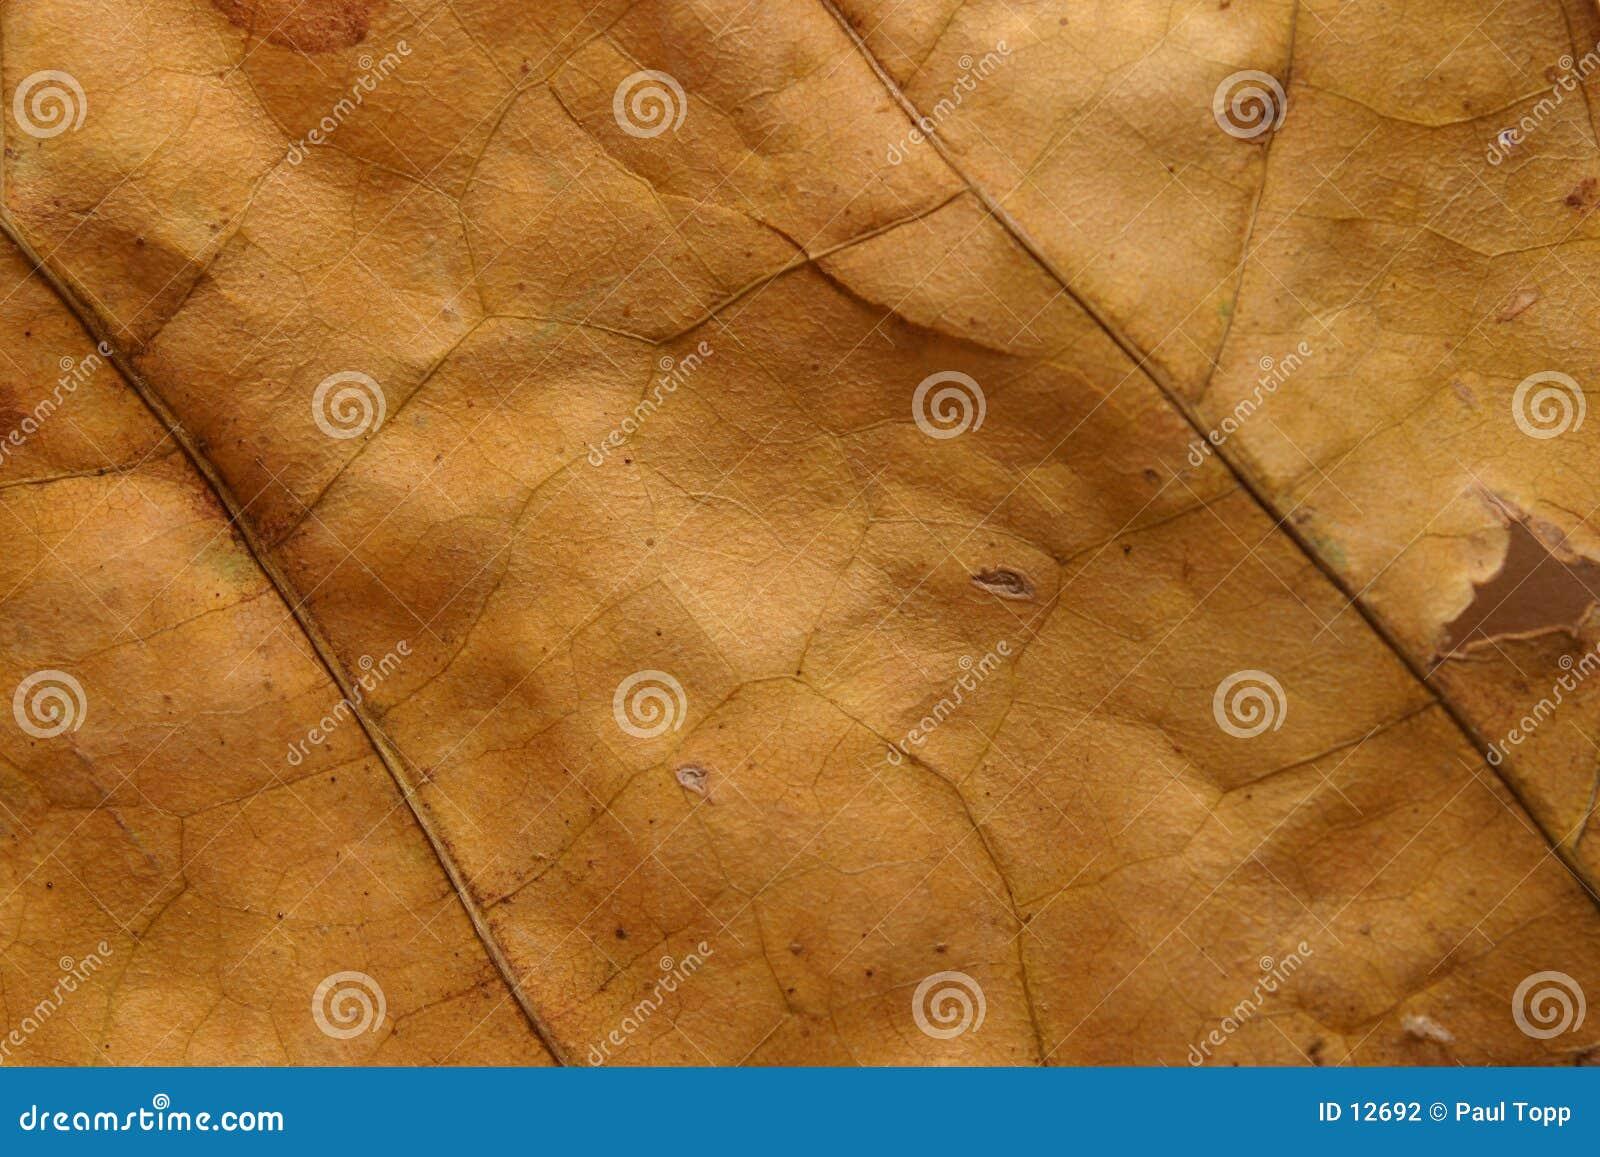 Macro Dry Dead Leaf Texture